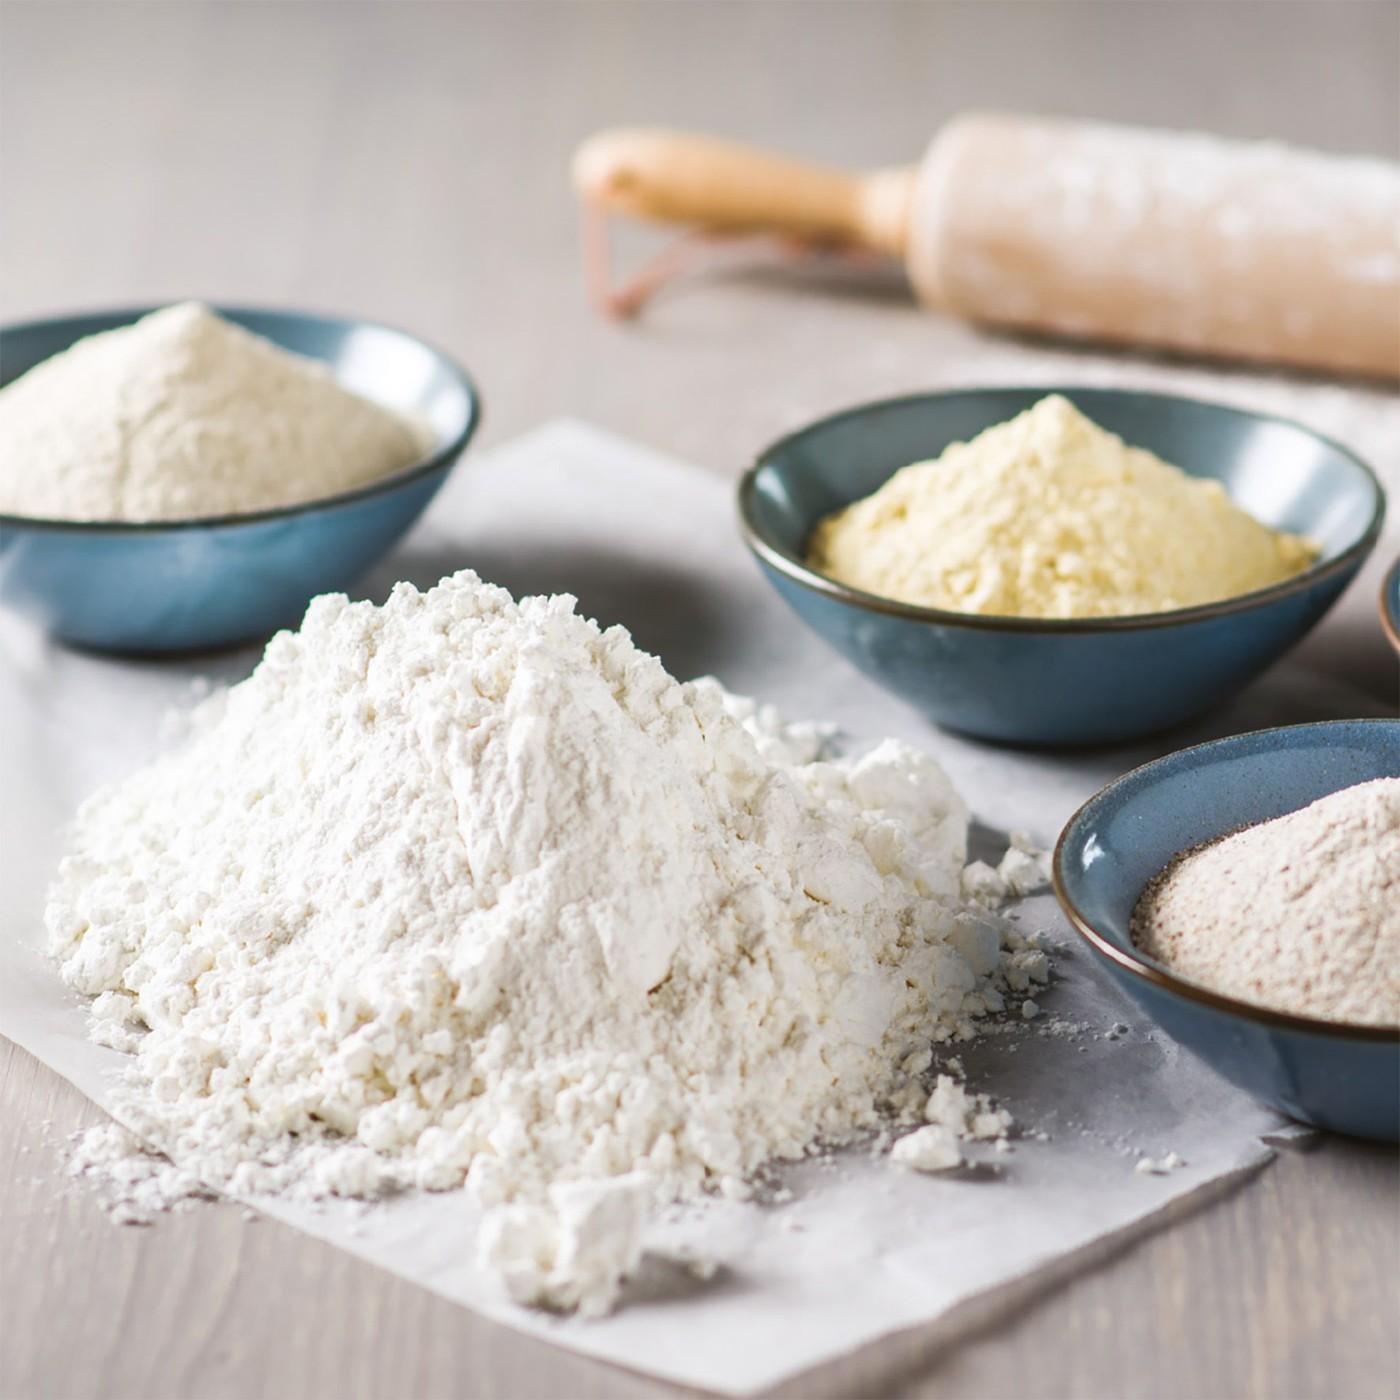 receta de Harina Mix Pane Sin Gluten